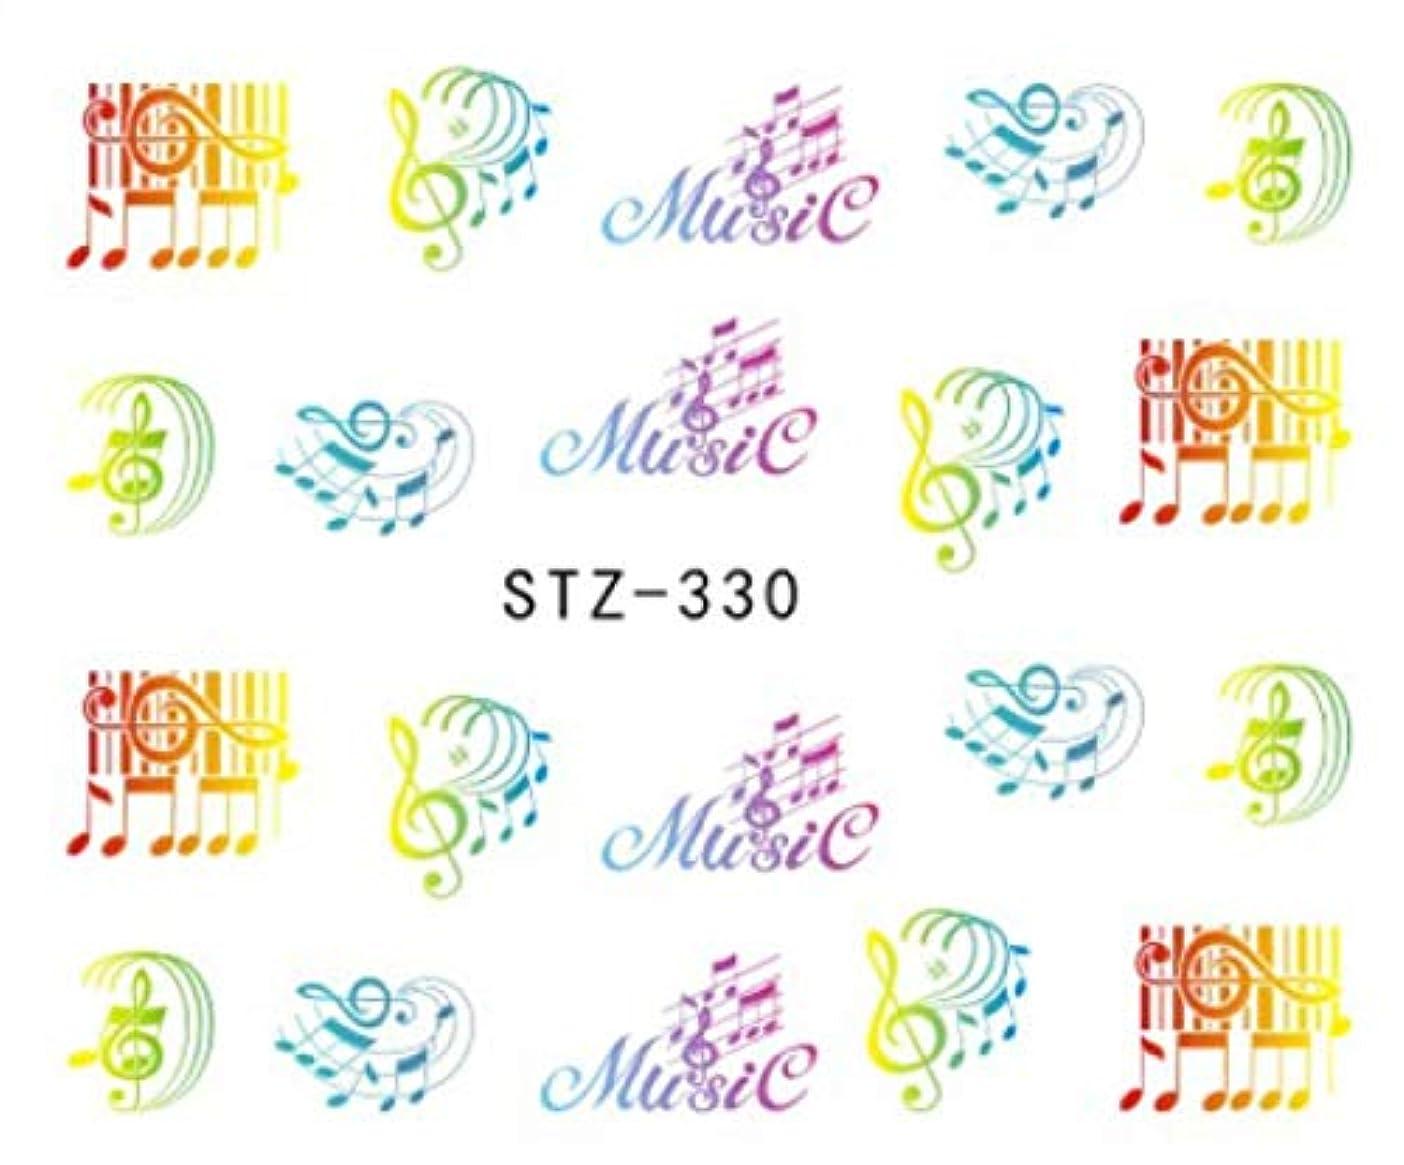 コミュニティ特別なめまいSUKTI&XIAO ネイルステッカー 1枚ホットネイルデザインブラックミュージックノート印刷爪先女性ネイルアートステッカーデカールタトゥーツール、Stz330